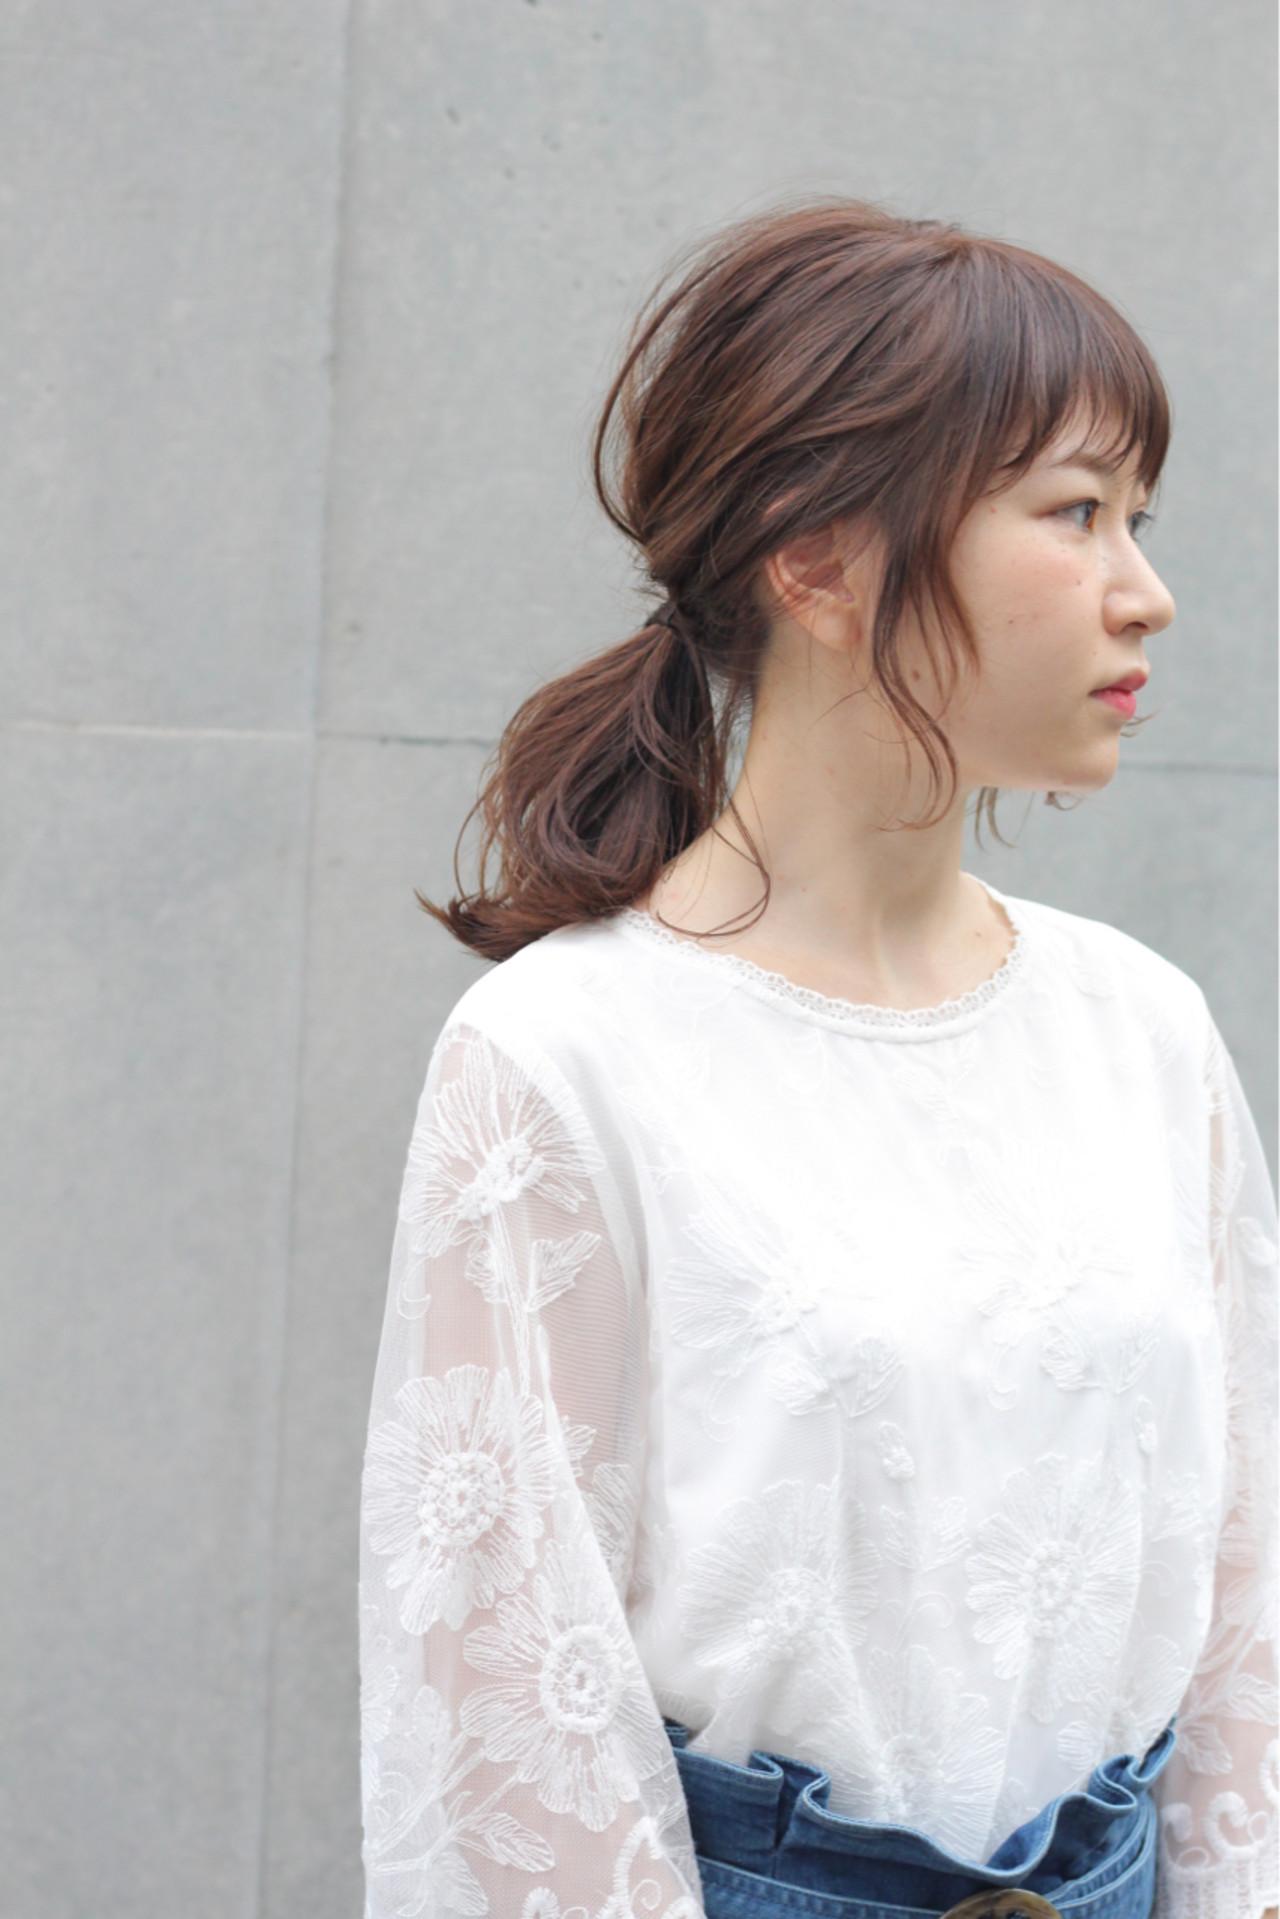 ひとつ結びの無造作アレンジスタイル Wataru Maeda